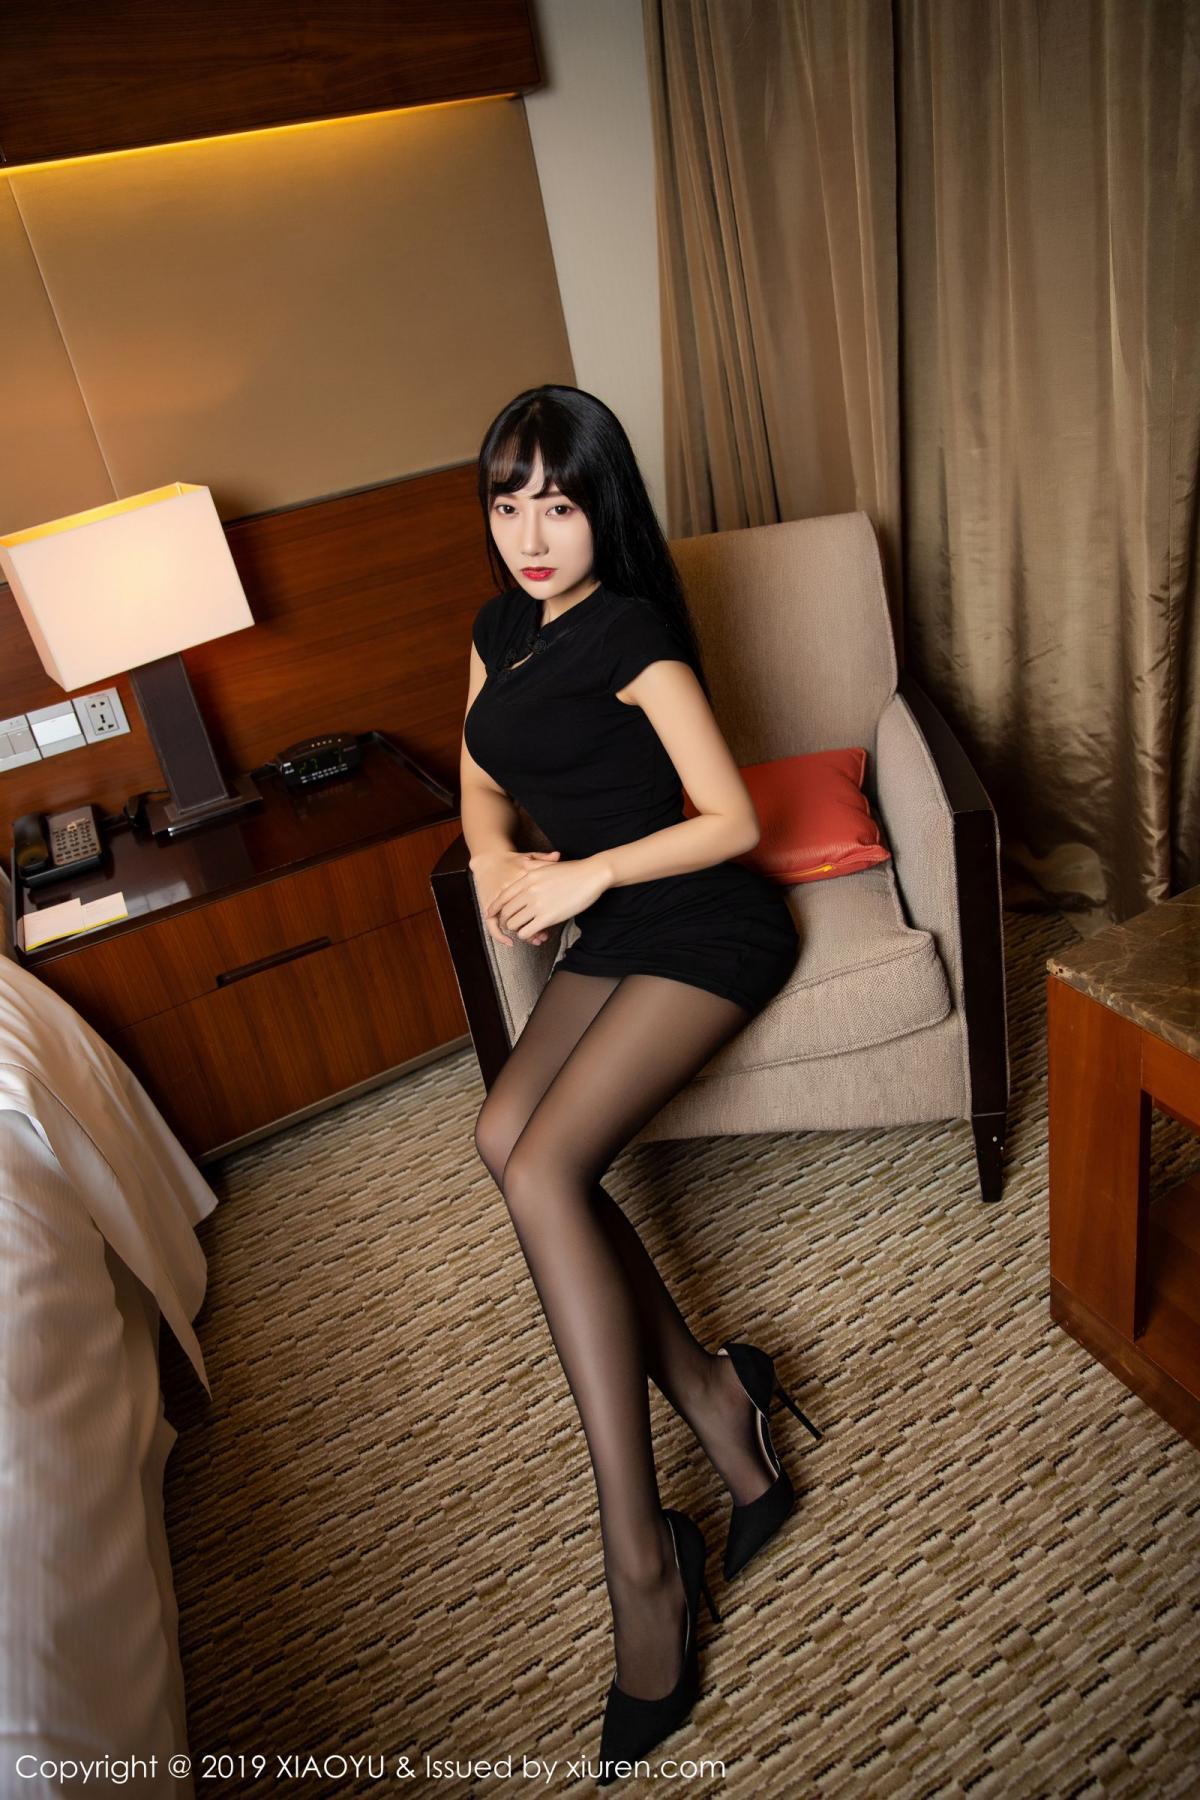 [XiaoYu] Vol.145 He Jia Ying 6P, Black Silk, He Jia Ying, Underwear, XiaoYu